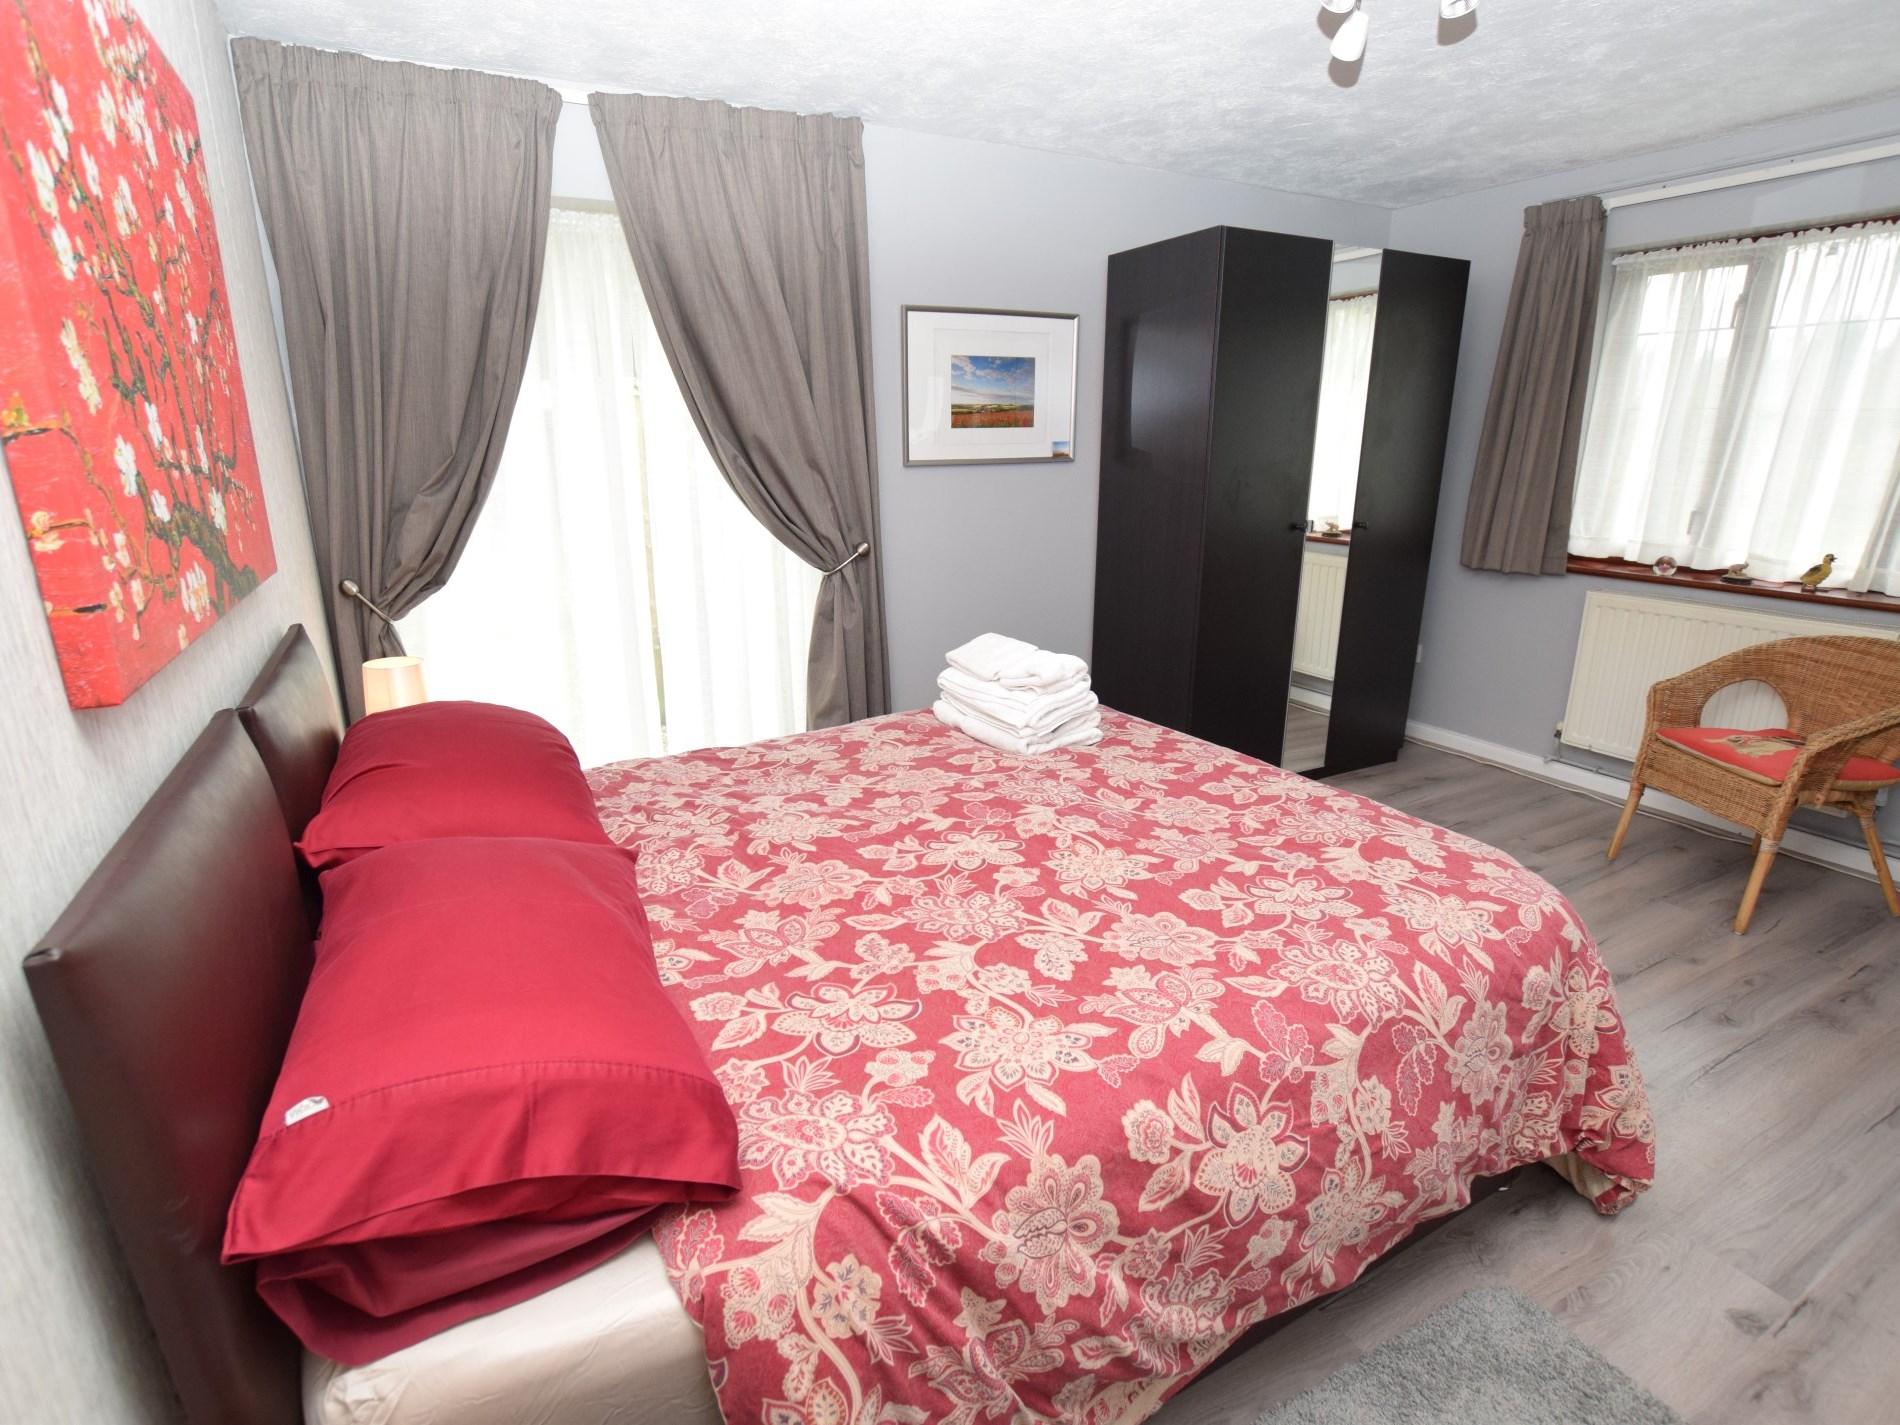 1 Bedroom Cottage in Salisbury, Dorset and Somerset